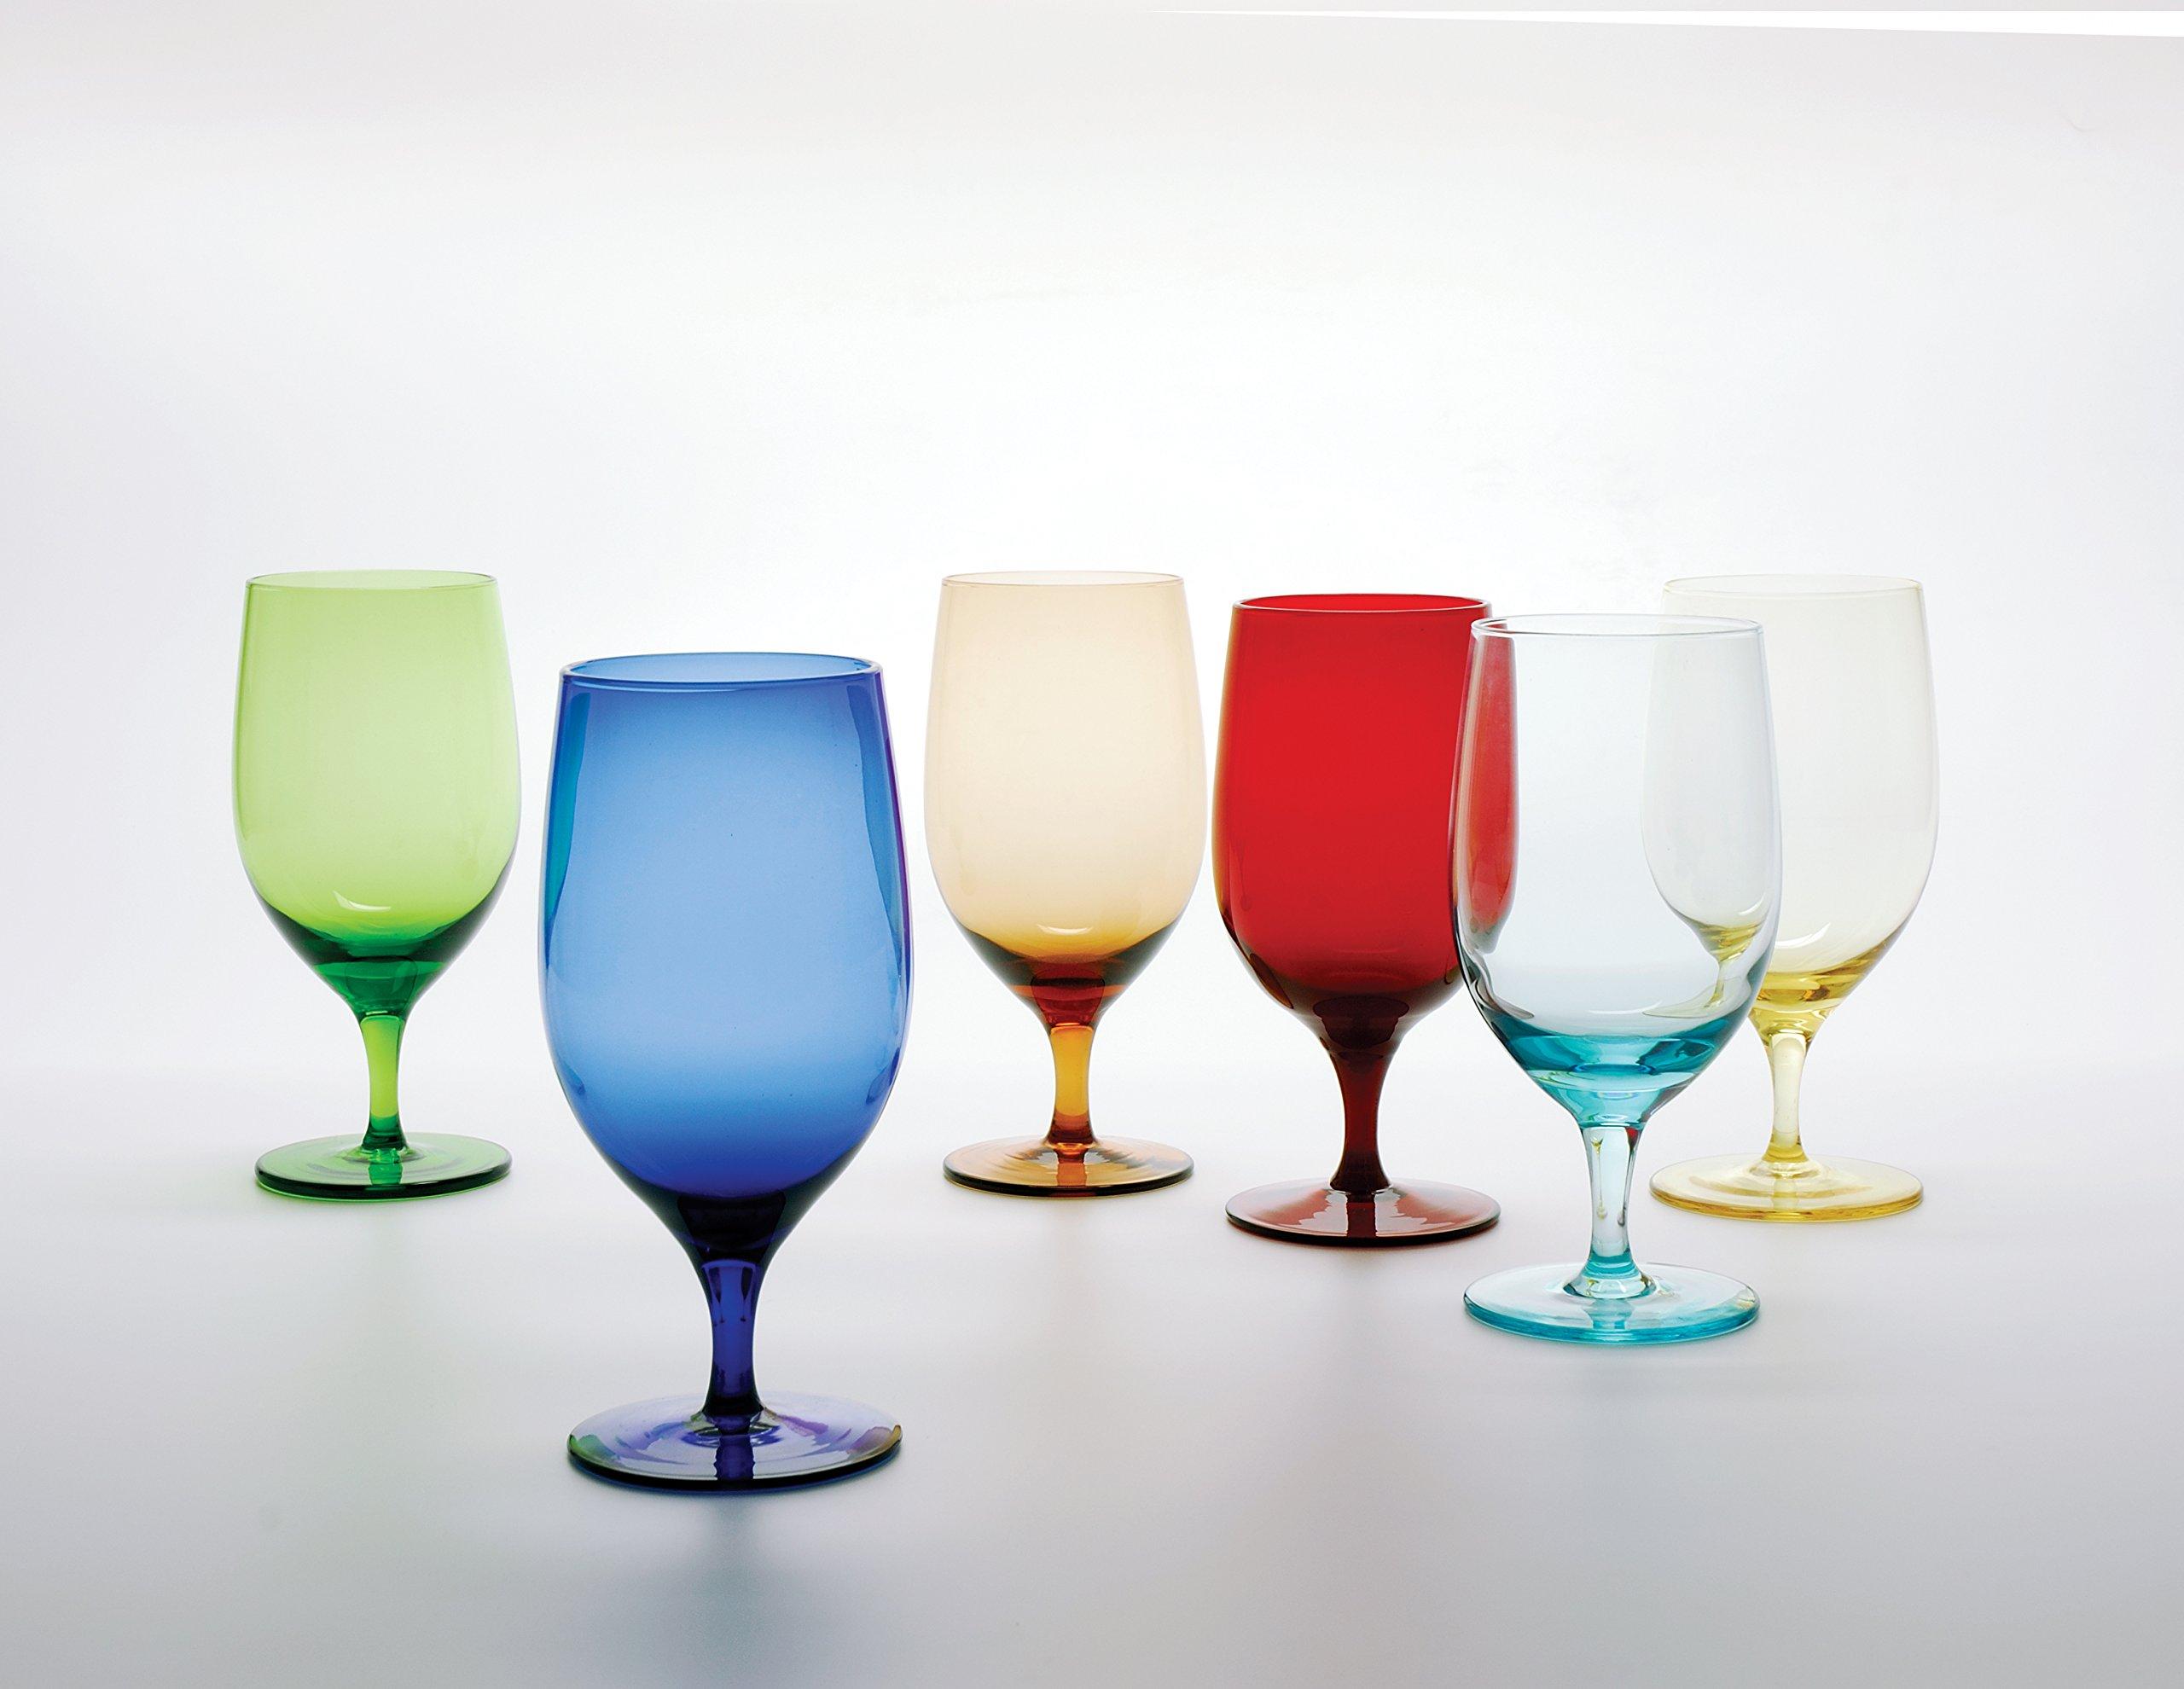 D&V Glass Gala Collection Goblet/Beverage Glass 15 Ounce, Cobalt, Set of 12 by D&V (Image #2)